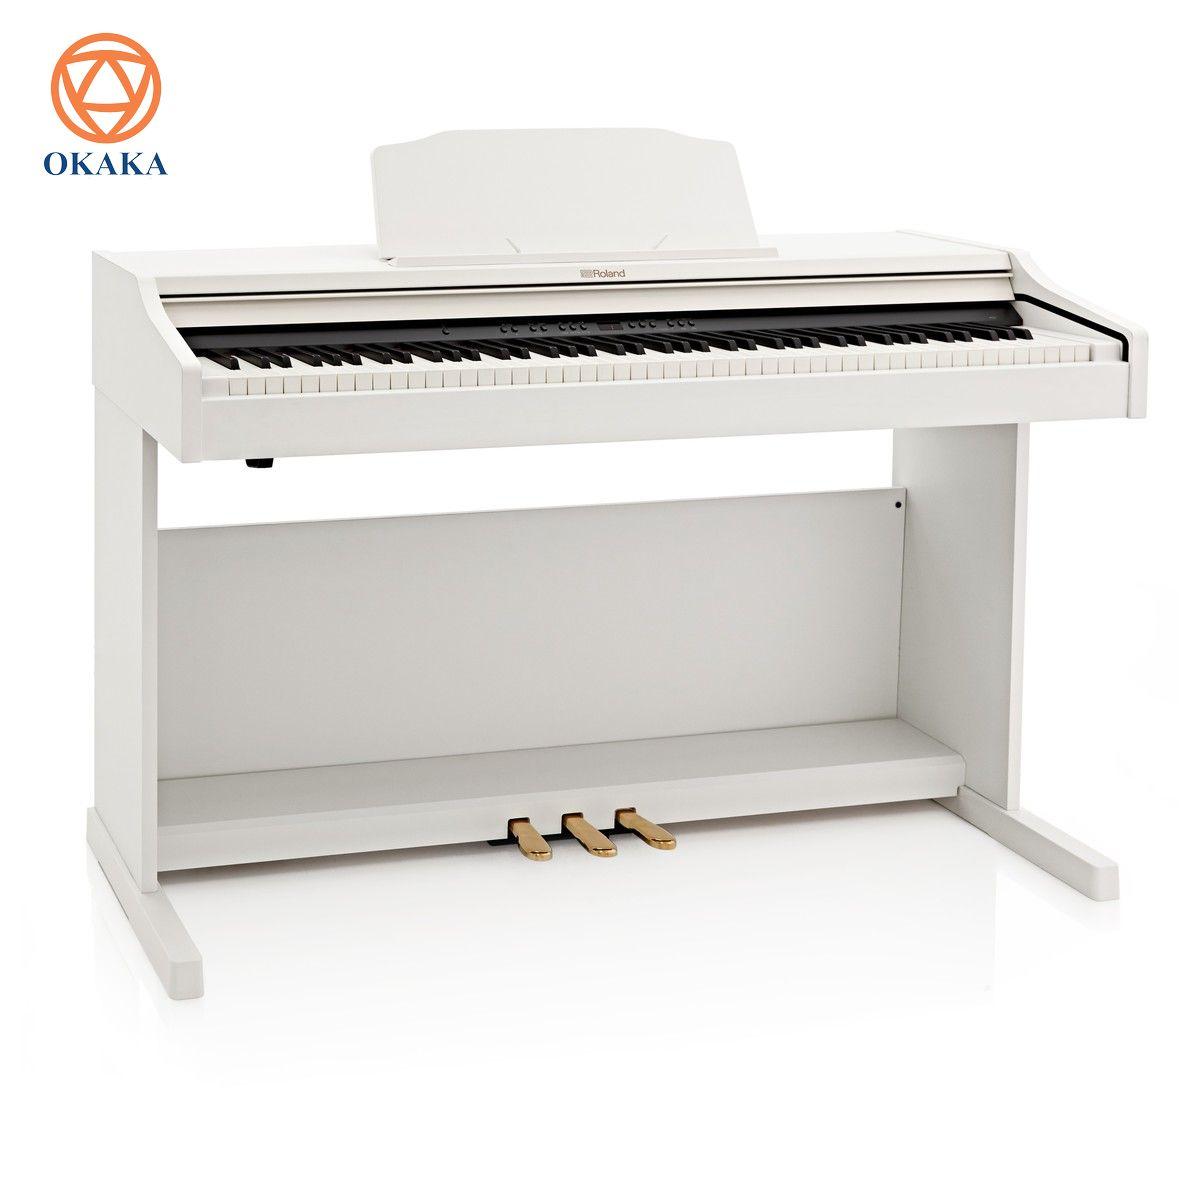 Là nhạc cụ lý tưởng cho các gia đình trẻ và bất cứ ai muốn vui chơi hay học tập với đàn piano, RP-501R mang đến màn trình diễn cao cấp qua nhiều năm cải tiến không ngừng. Dẫu vậy, bạn cũng không nên bỏ qua bài đánh giá đàn piano điện Roland RP-501R rất chi tiết sau đây!